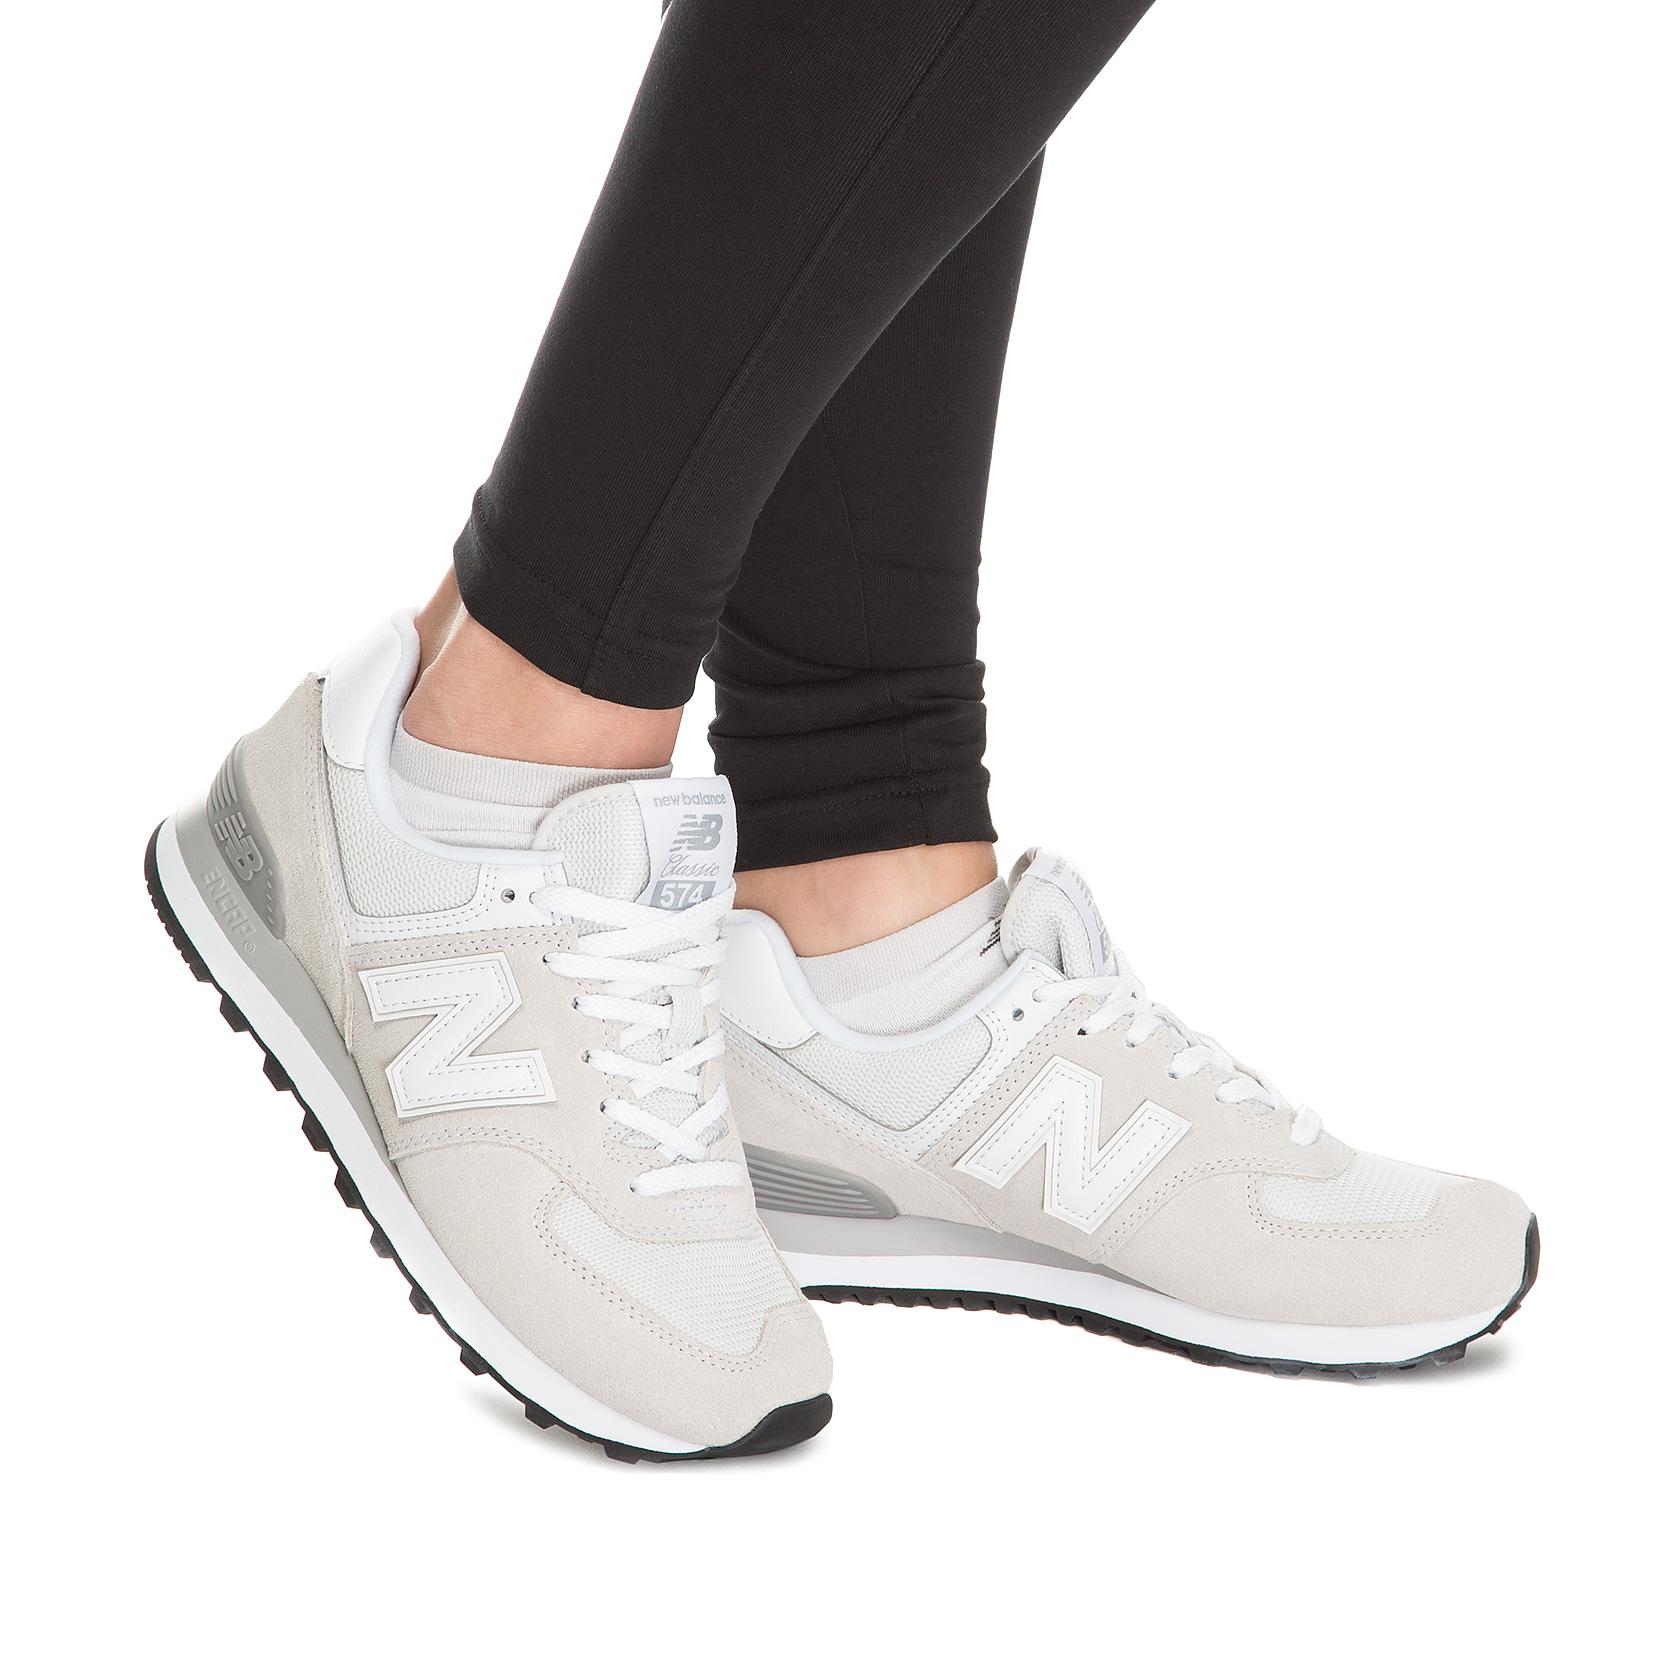 Жіноче взуття повсякденне New Balance 574 WL574EW   New Balance